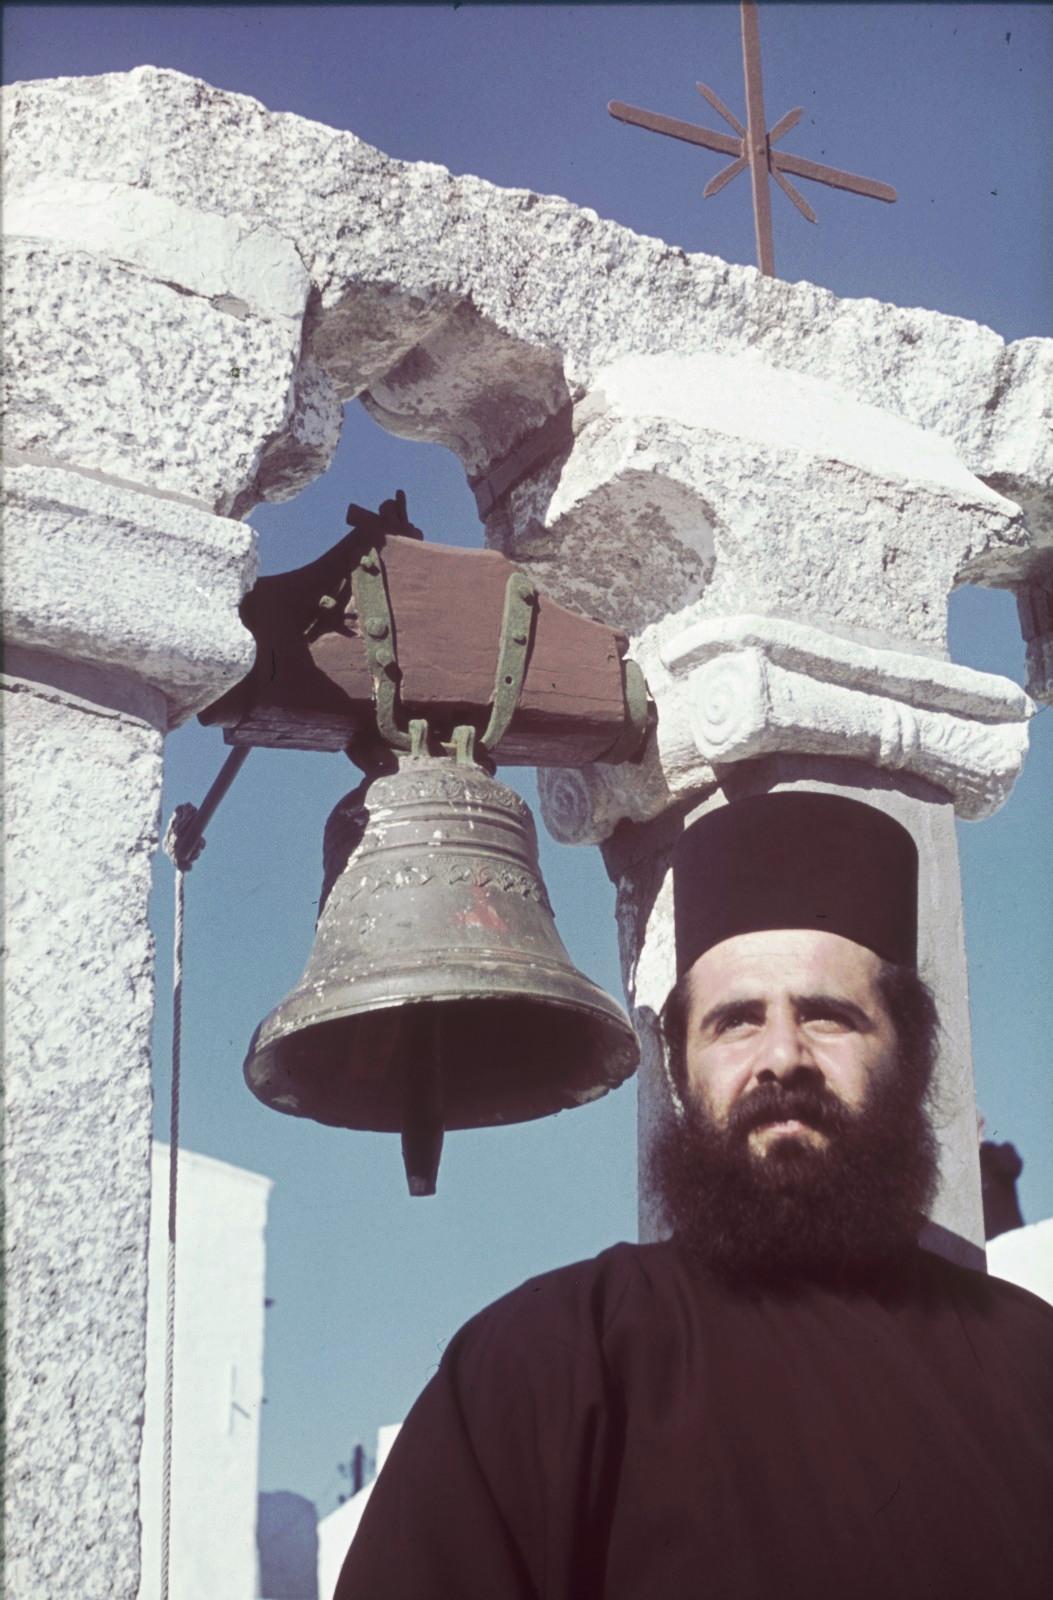 Патмос. Монастырь Иоанна Богослова. Монах перед колоколом